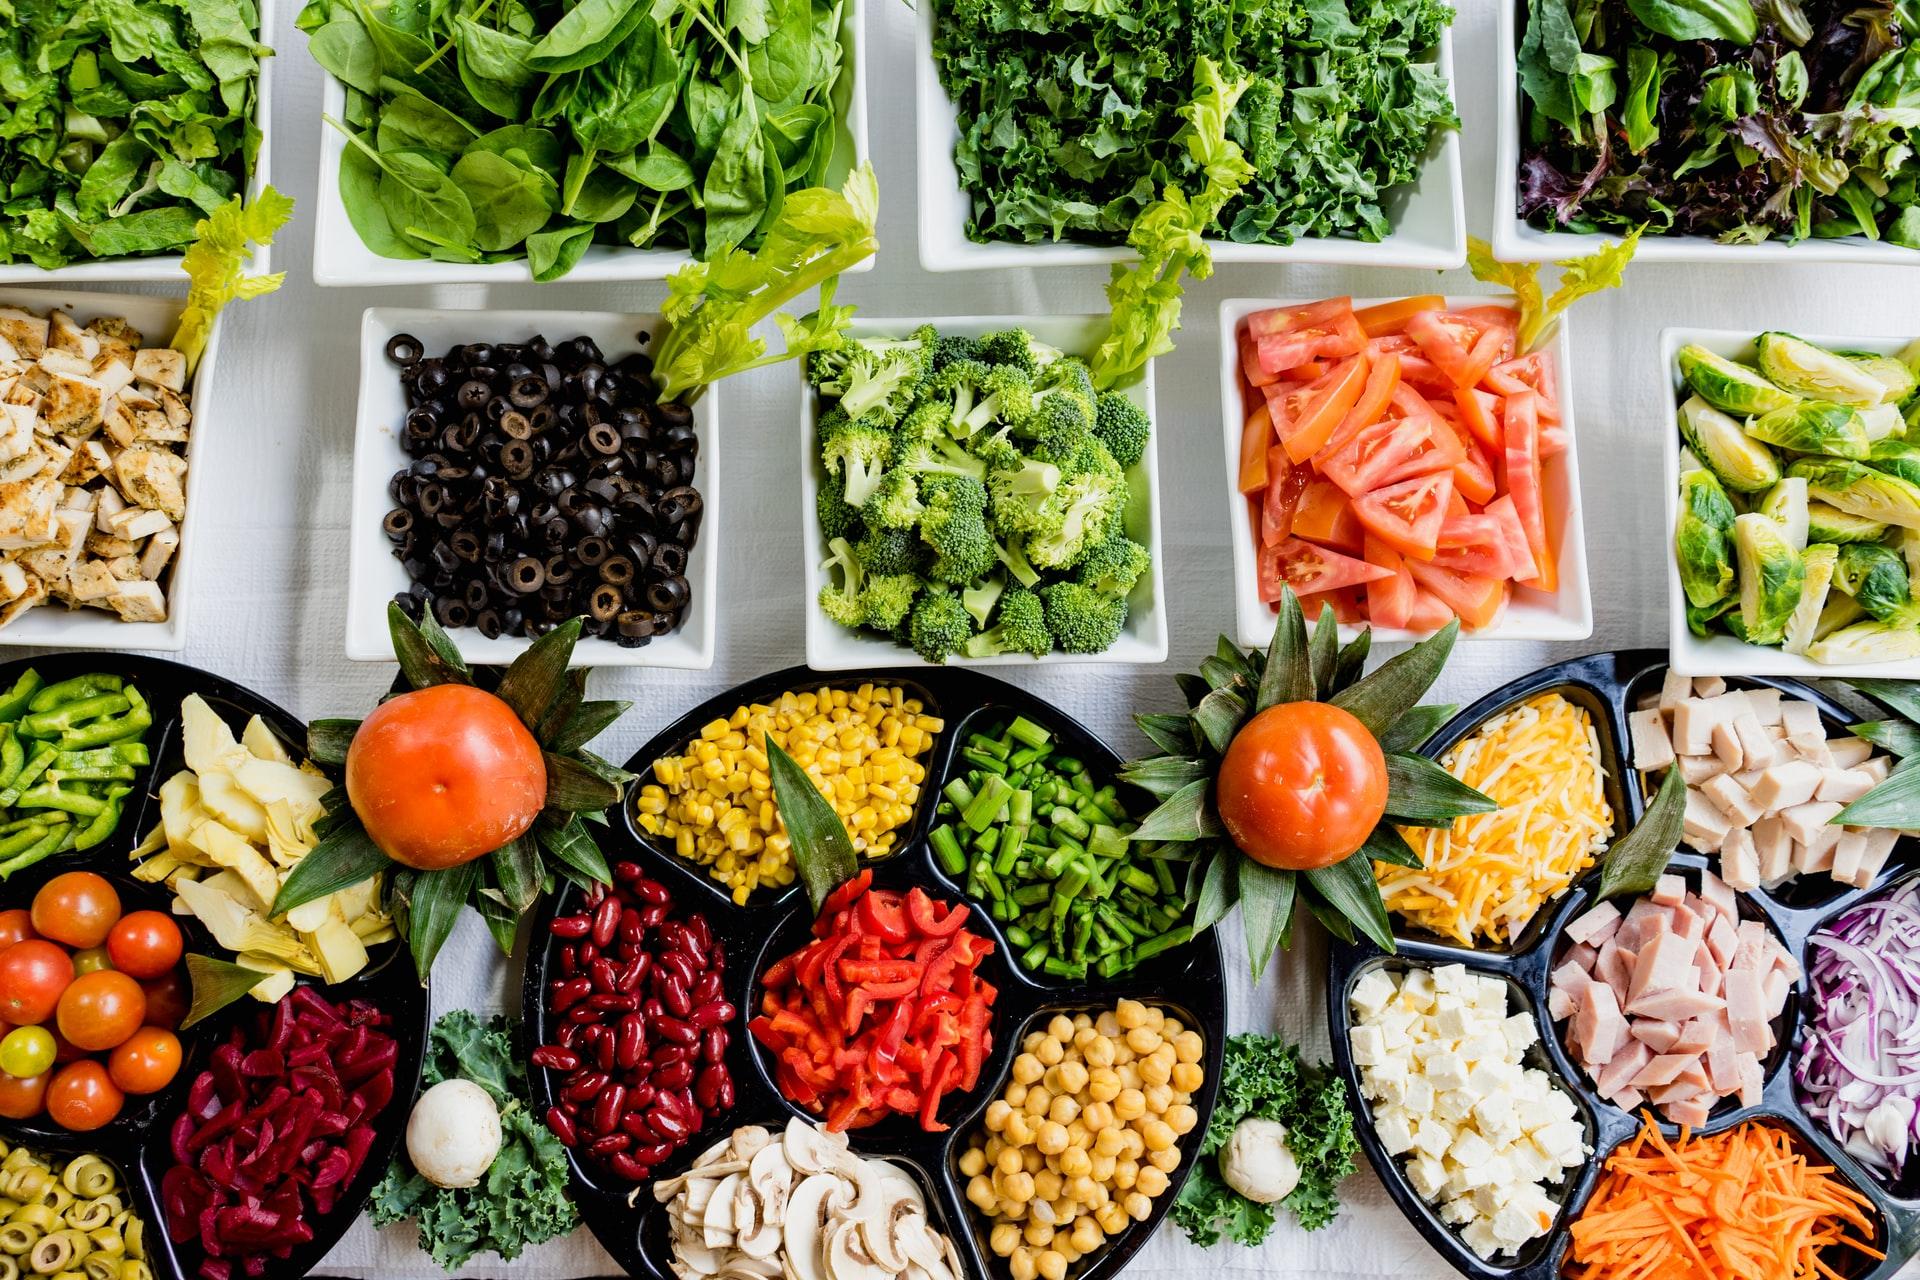 Cijene hrane rastu, ministrica poljoprivrede optimistična